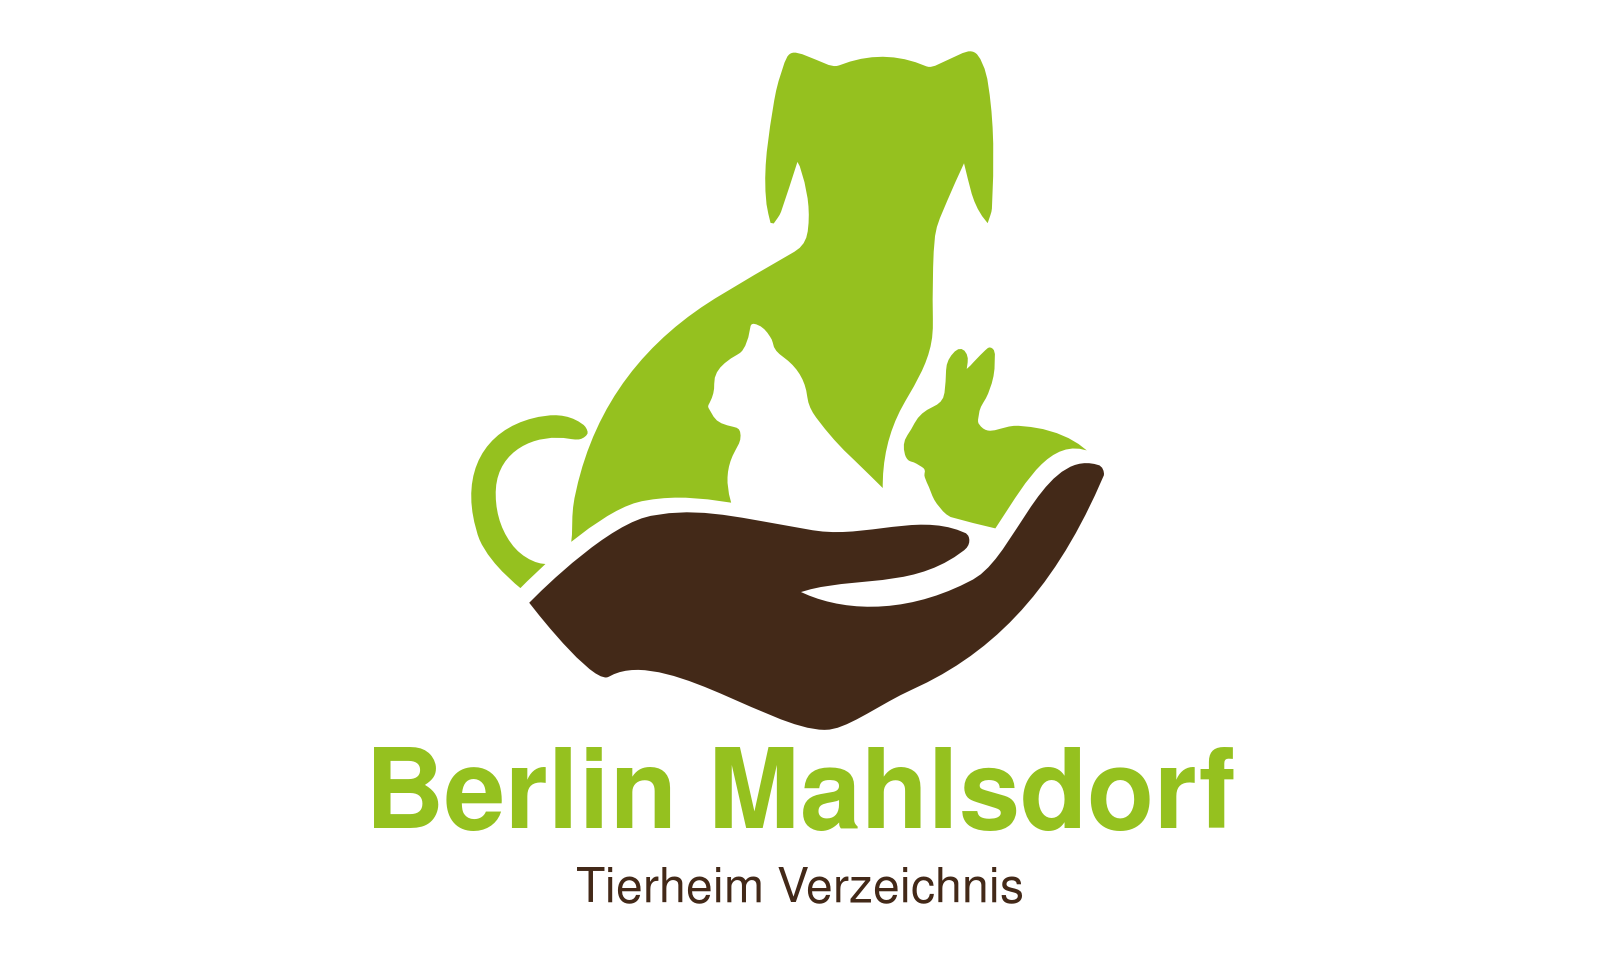 Tierheim Berlin Mahlsdorf